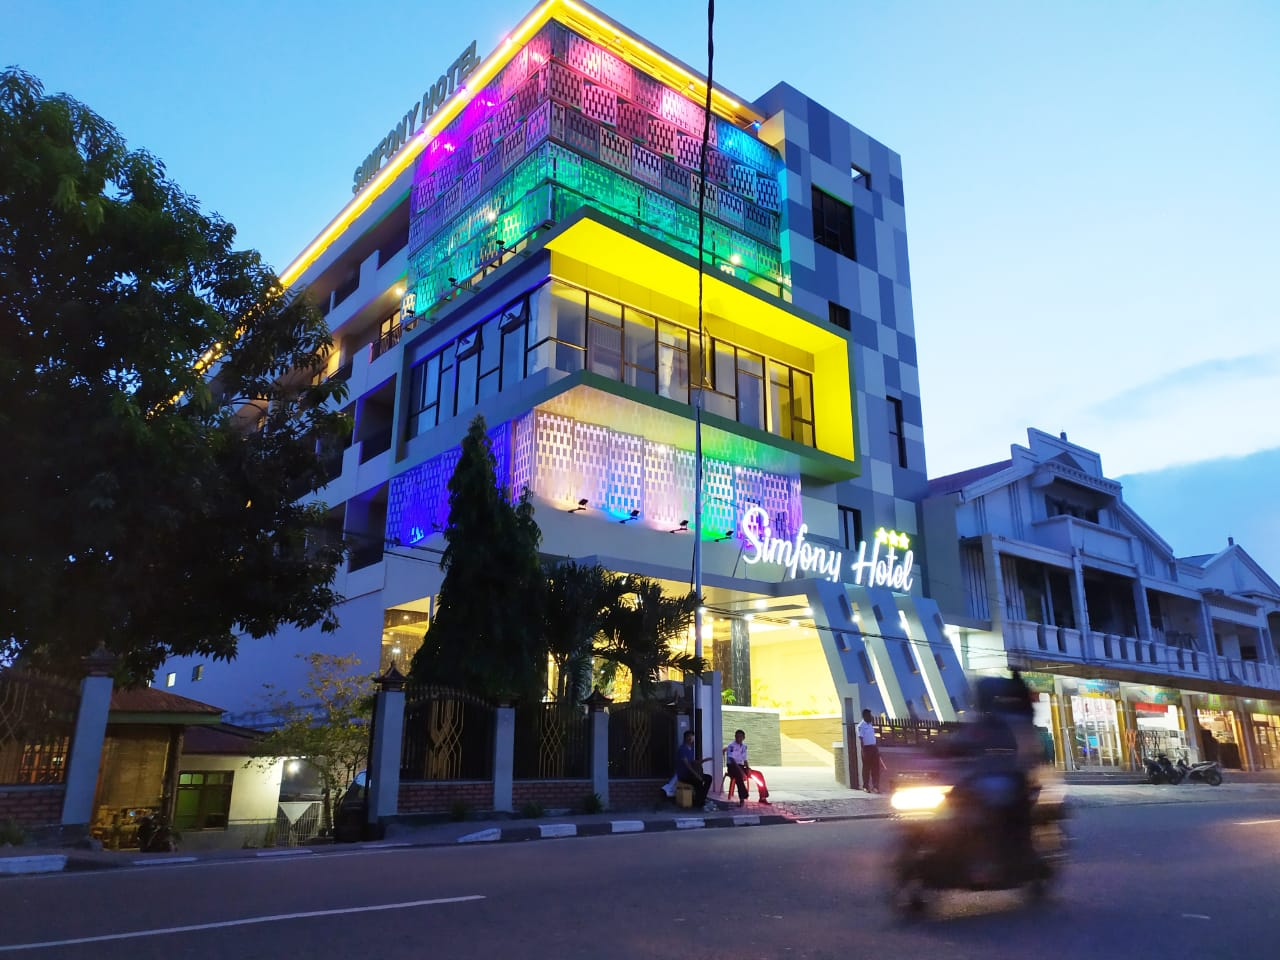 Simfony Hotel Alor